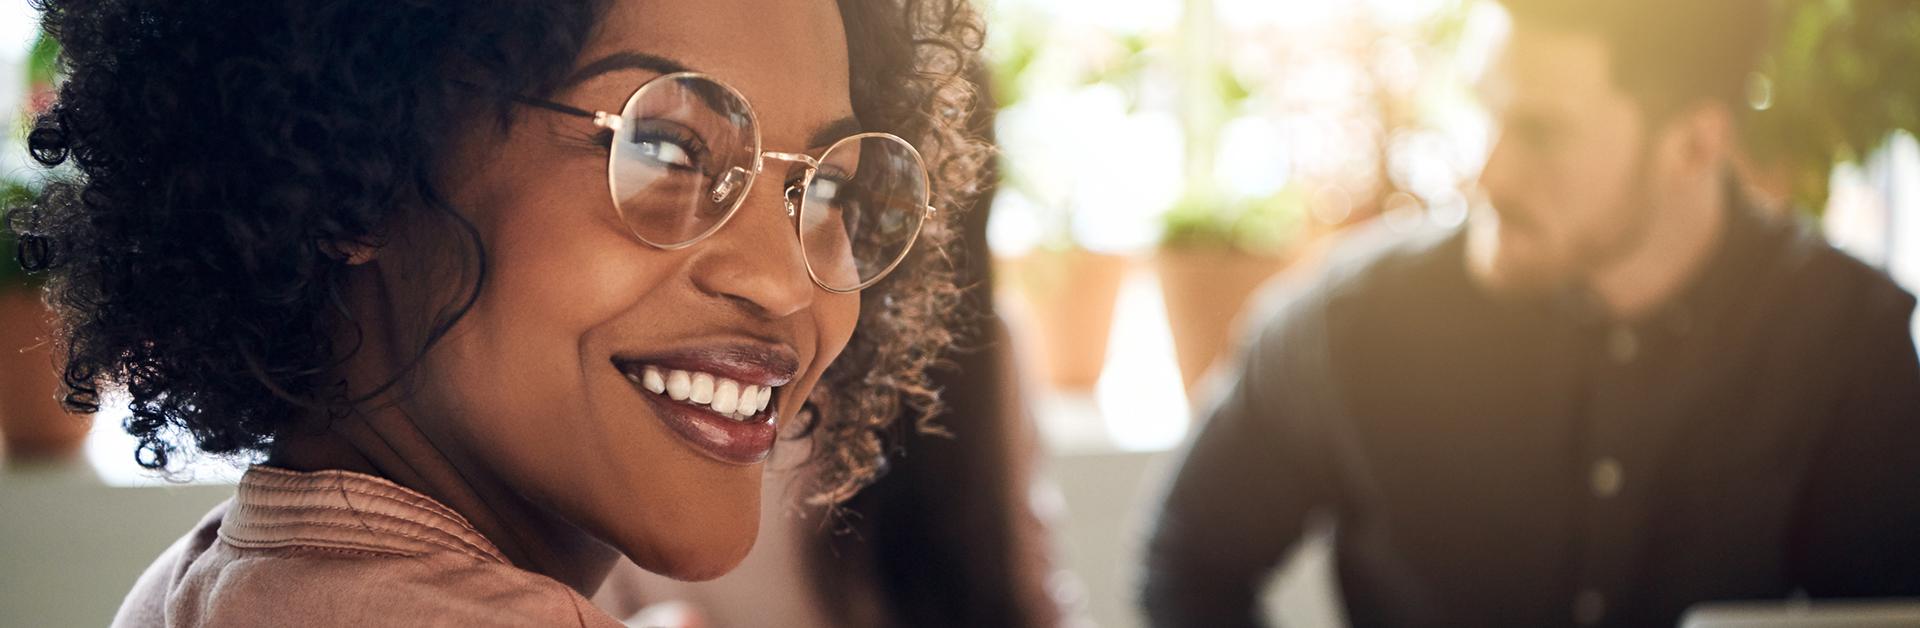 Foto de uma mulher negra olhando para a câmera